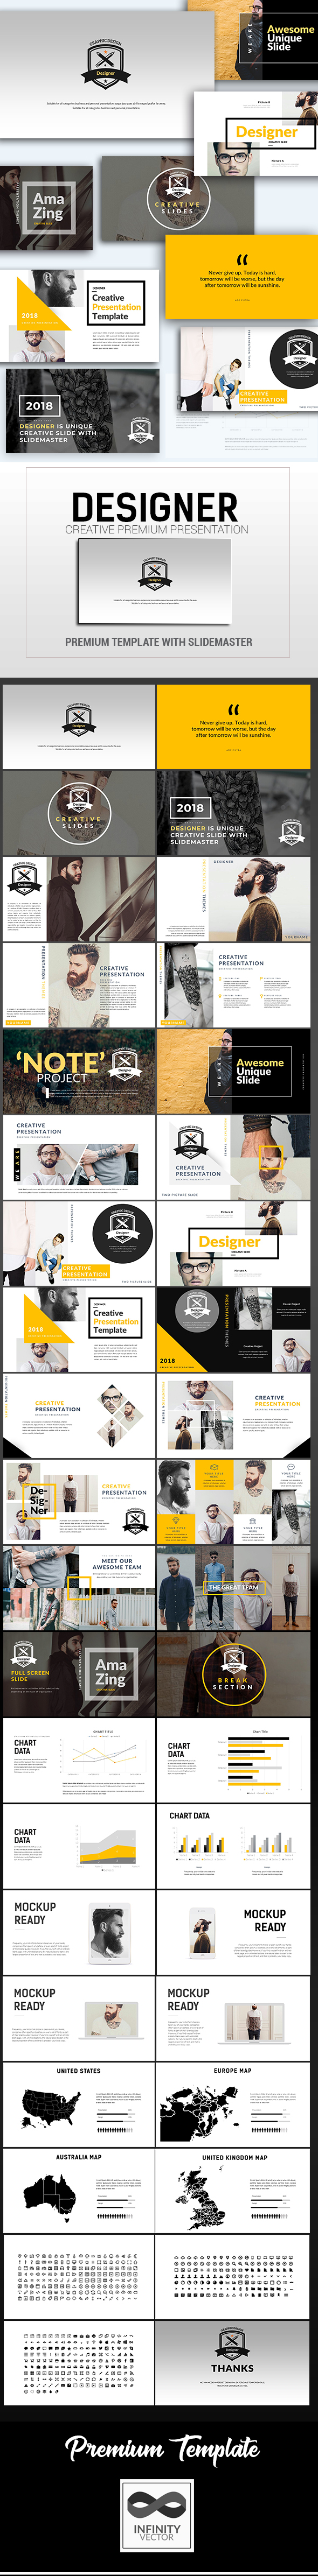 Designer Creative Presentation Google Slide - Google Slides Presentation Templates